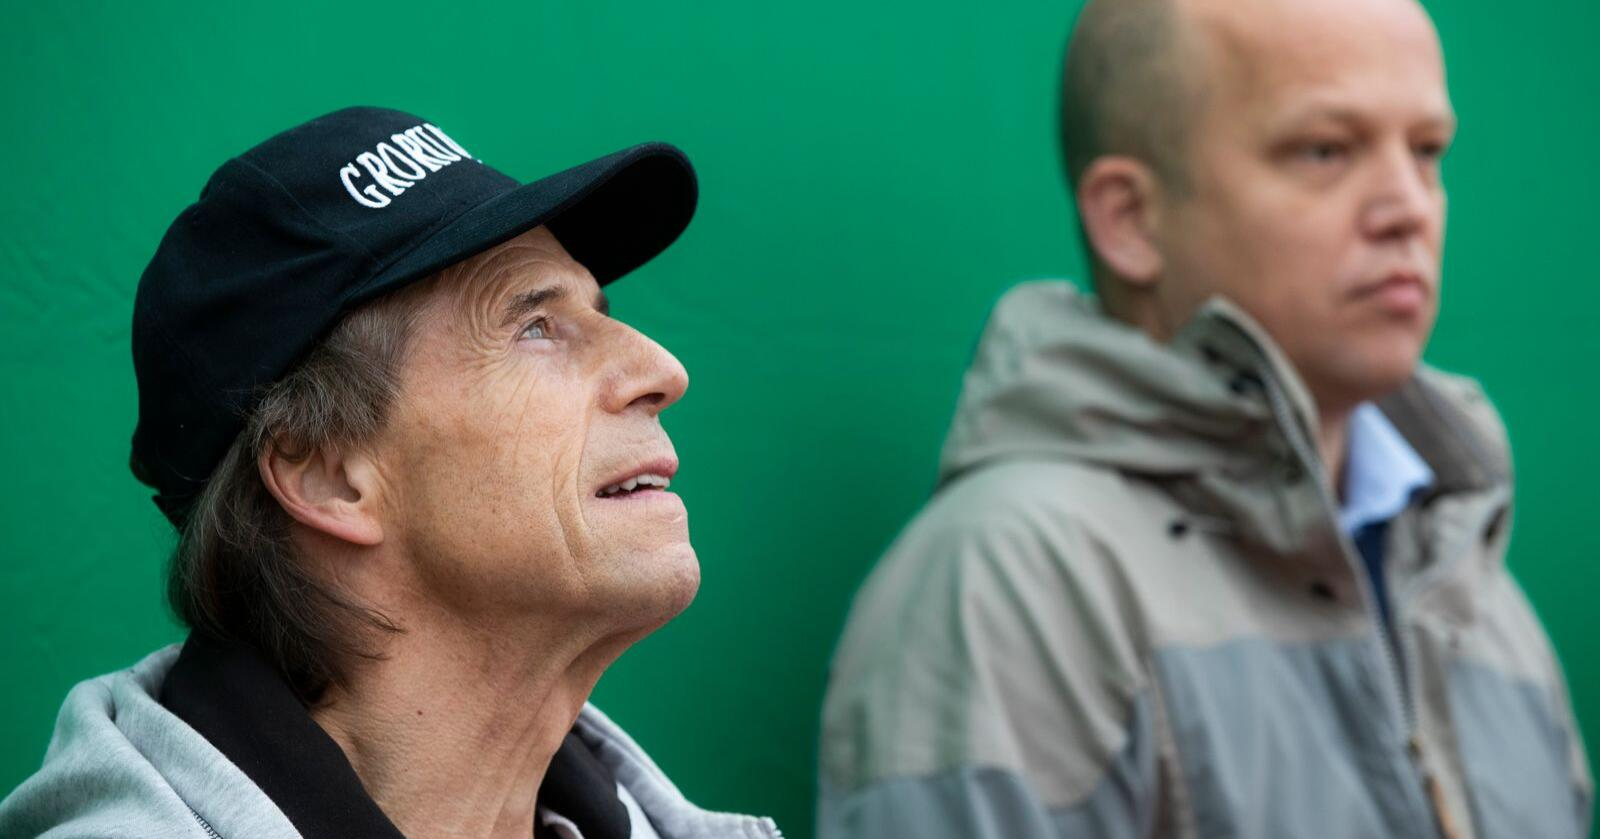 Ap-veteran Jan Bøhlers overgang til Senterpartiet ser ut til å gi Sp-leder Trygve Slagsvold solid drahjelp i Oslo. Foto: Berit Roald / NTB